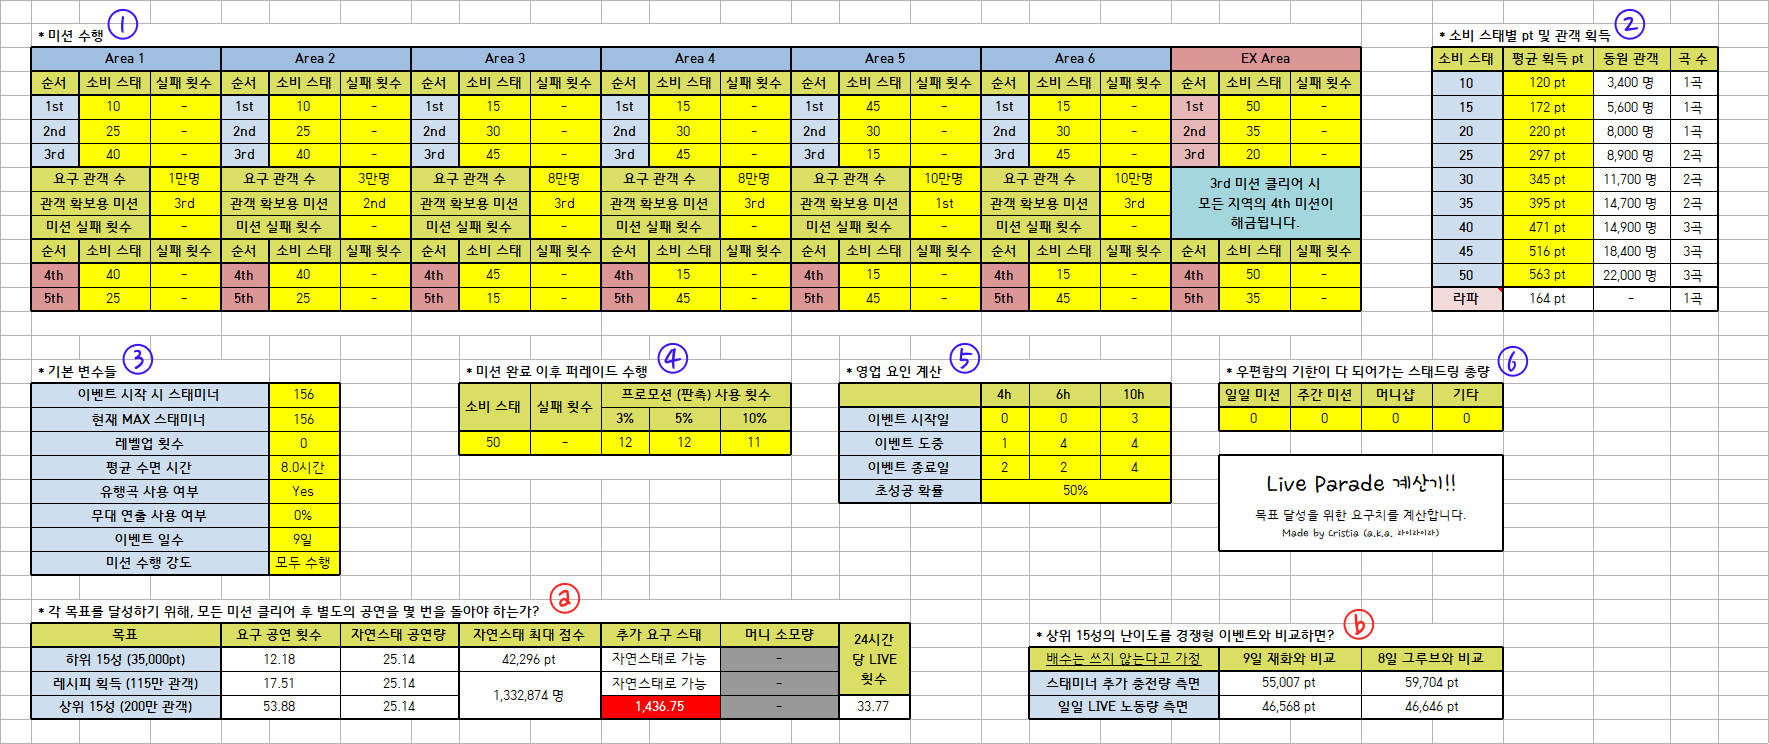 데레스테 비경쟁 이벤트 계산기 ver 1.01 (퍼레이드..